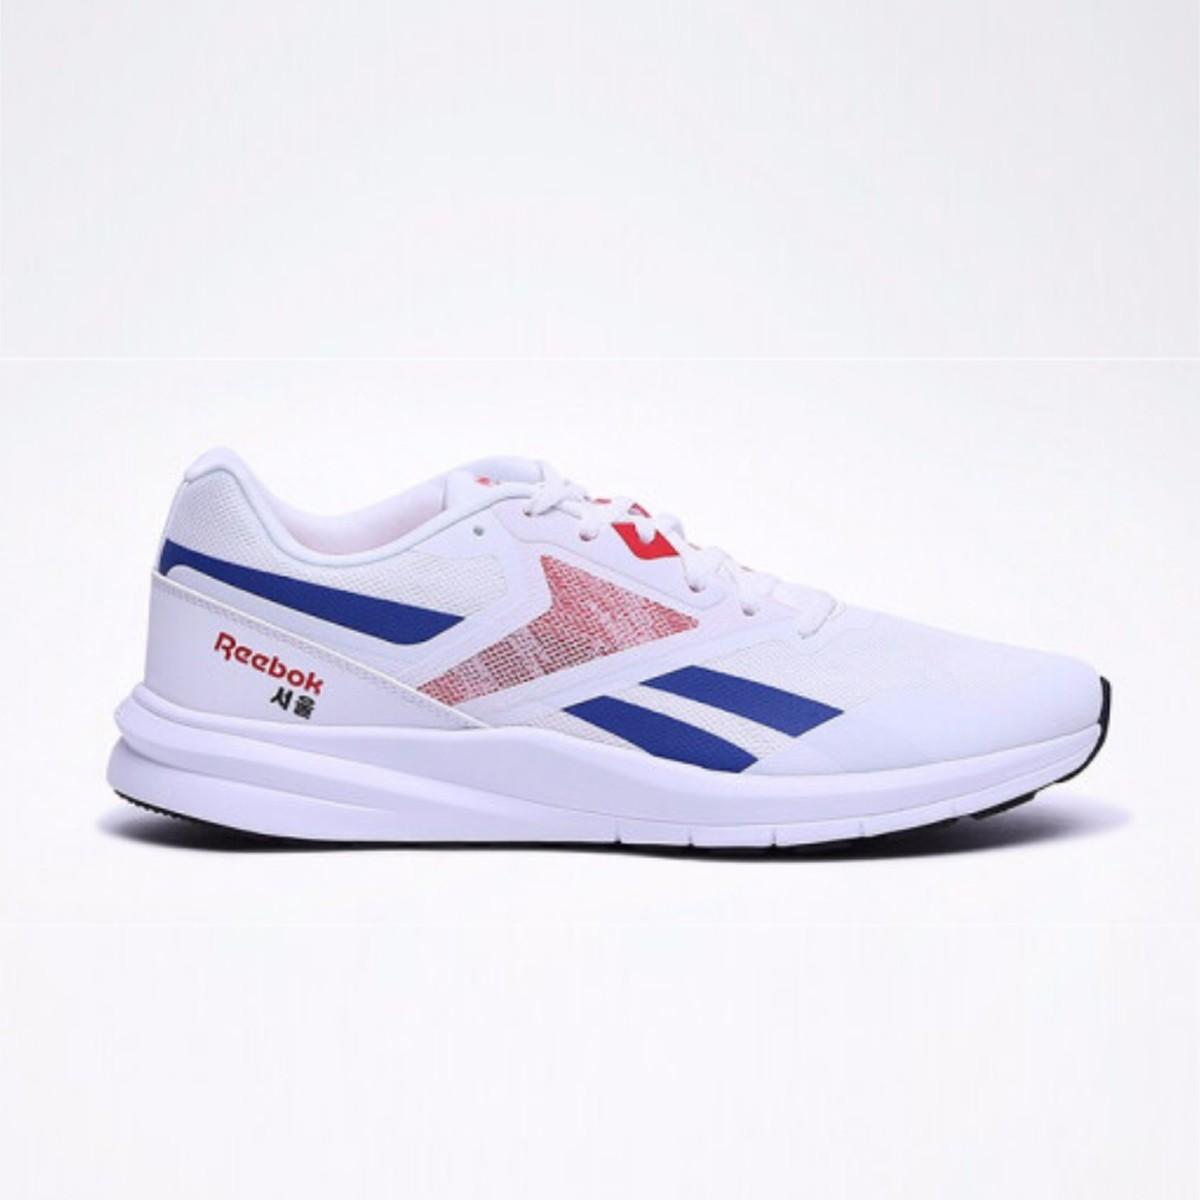 Reebok 锐步 RUNNER 4.0 男款运动休闲鞋